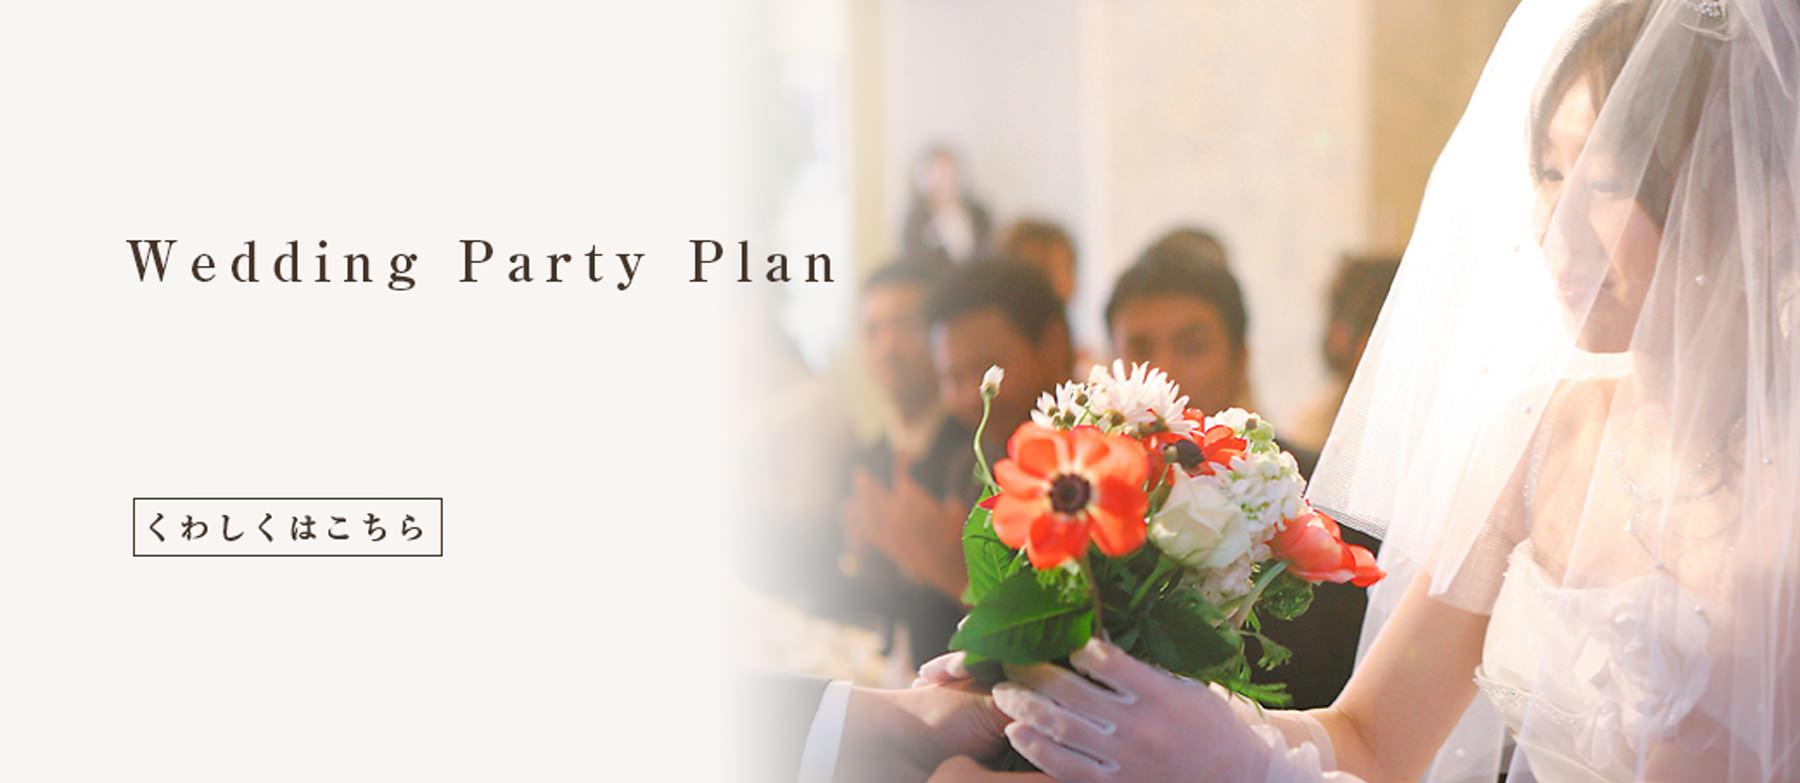 新潟市で貸切のレストランウェディング・結婚式二次会でも評判です。